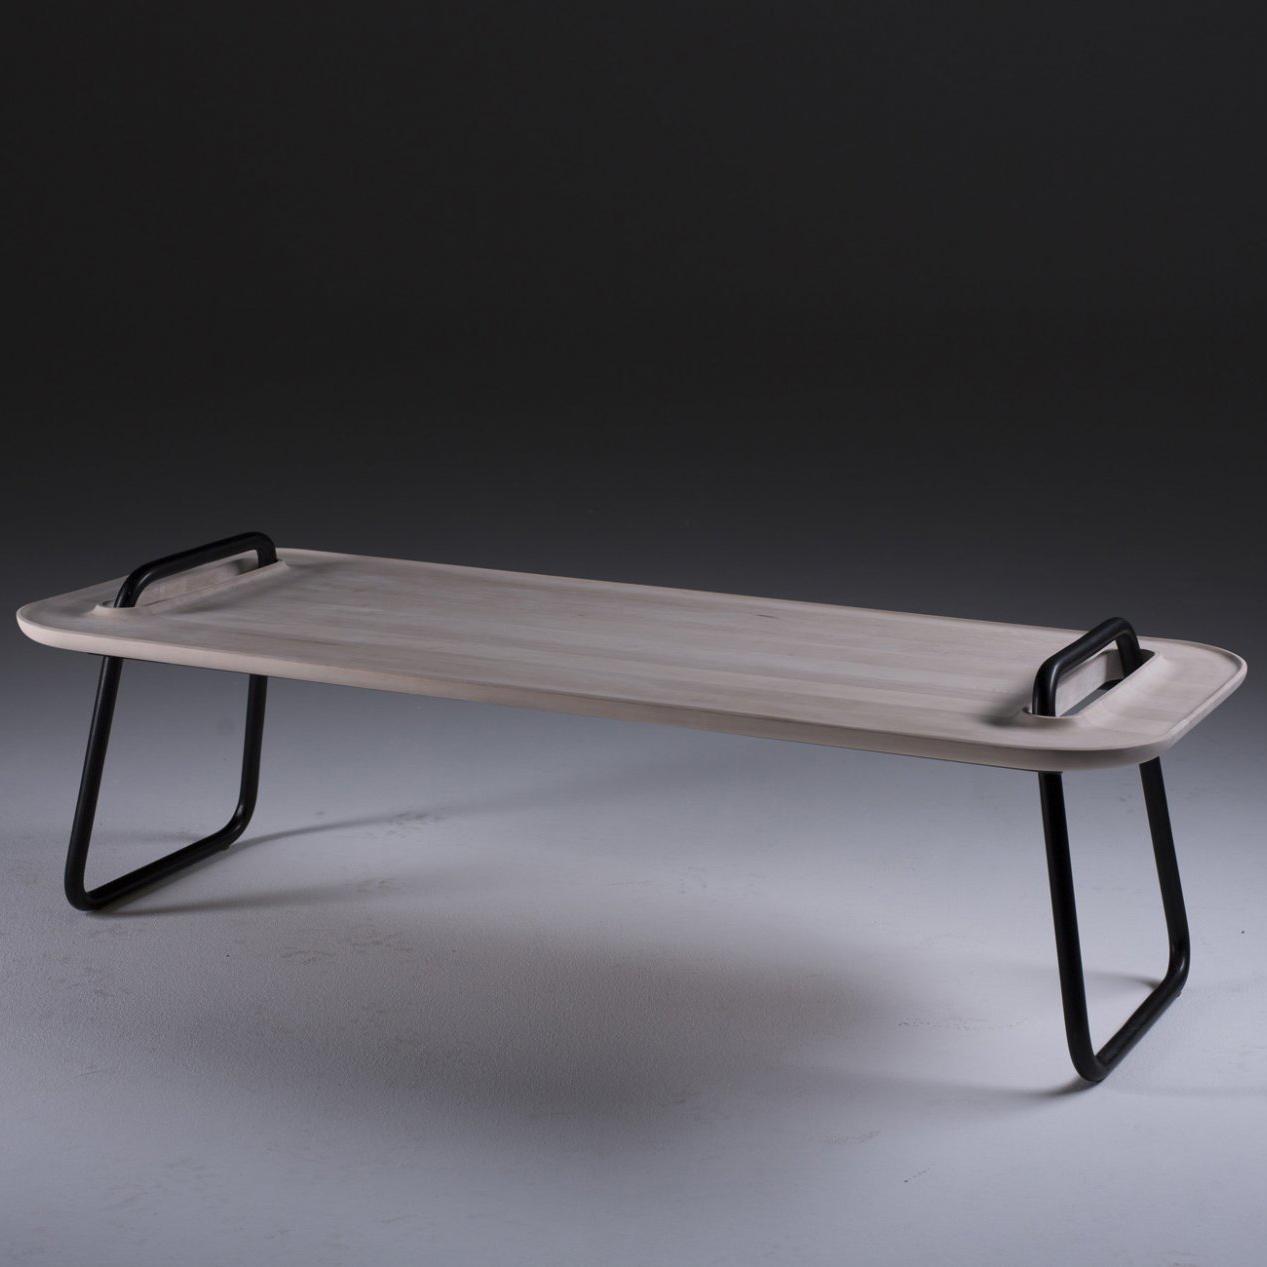 Mesa Cafe Kahawa, en madera y piezas de hierro, de diseño moderno y producción artesana. Varias medidas y colores.